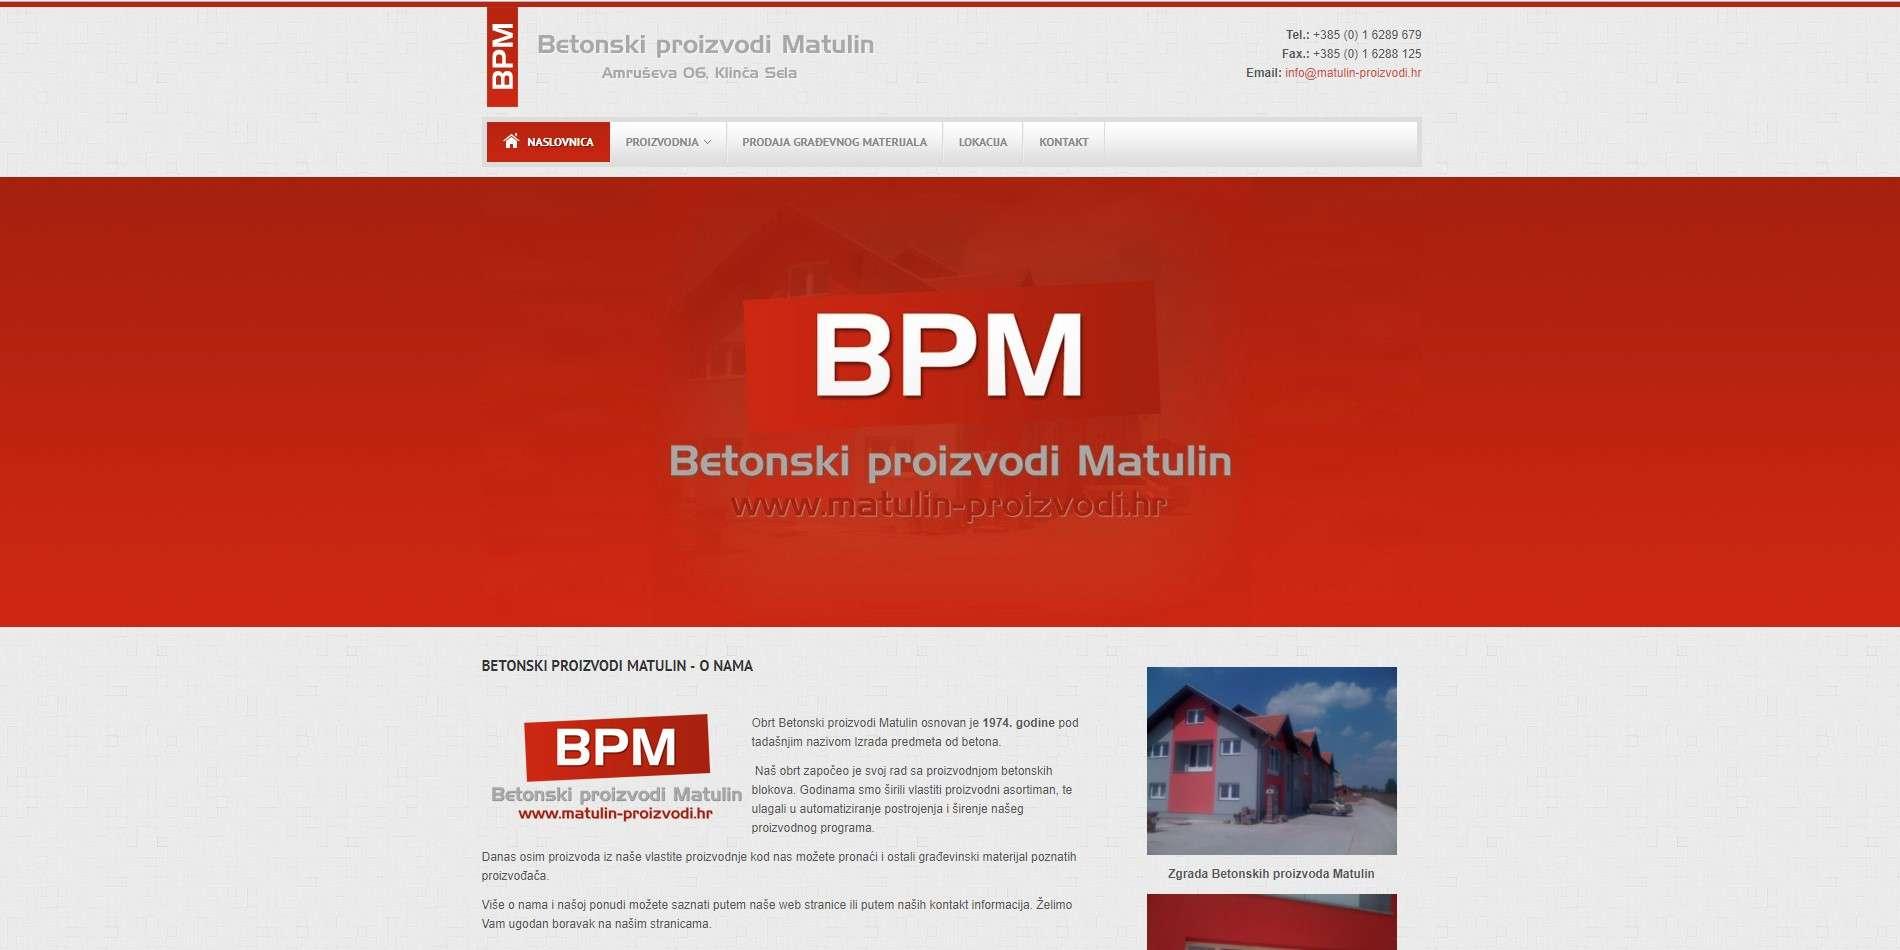 Betonski proizvodi Matulin